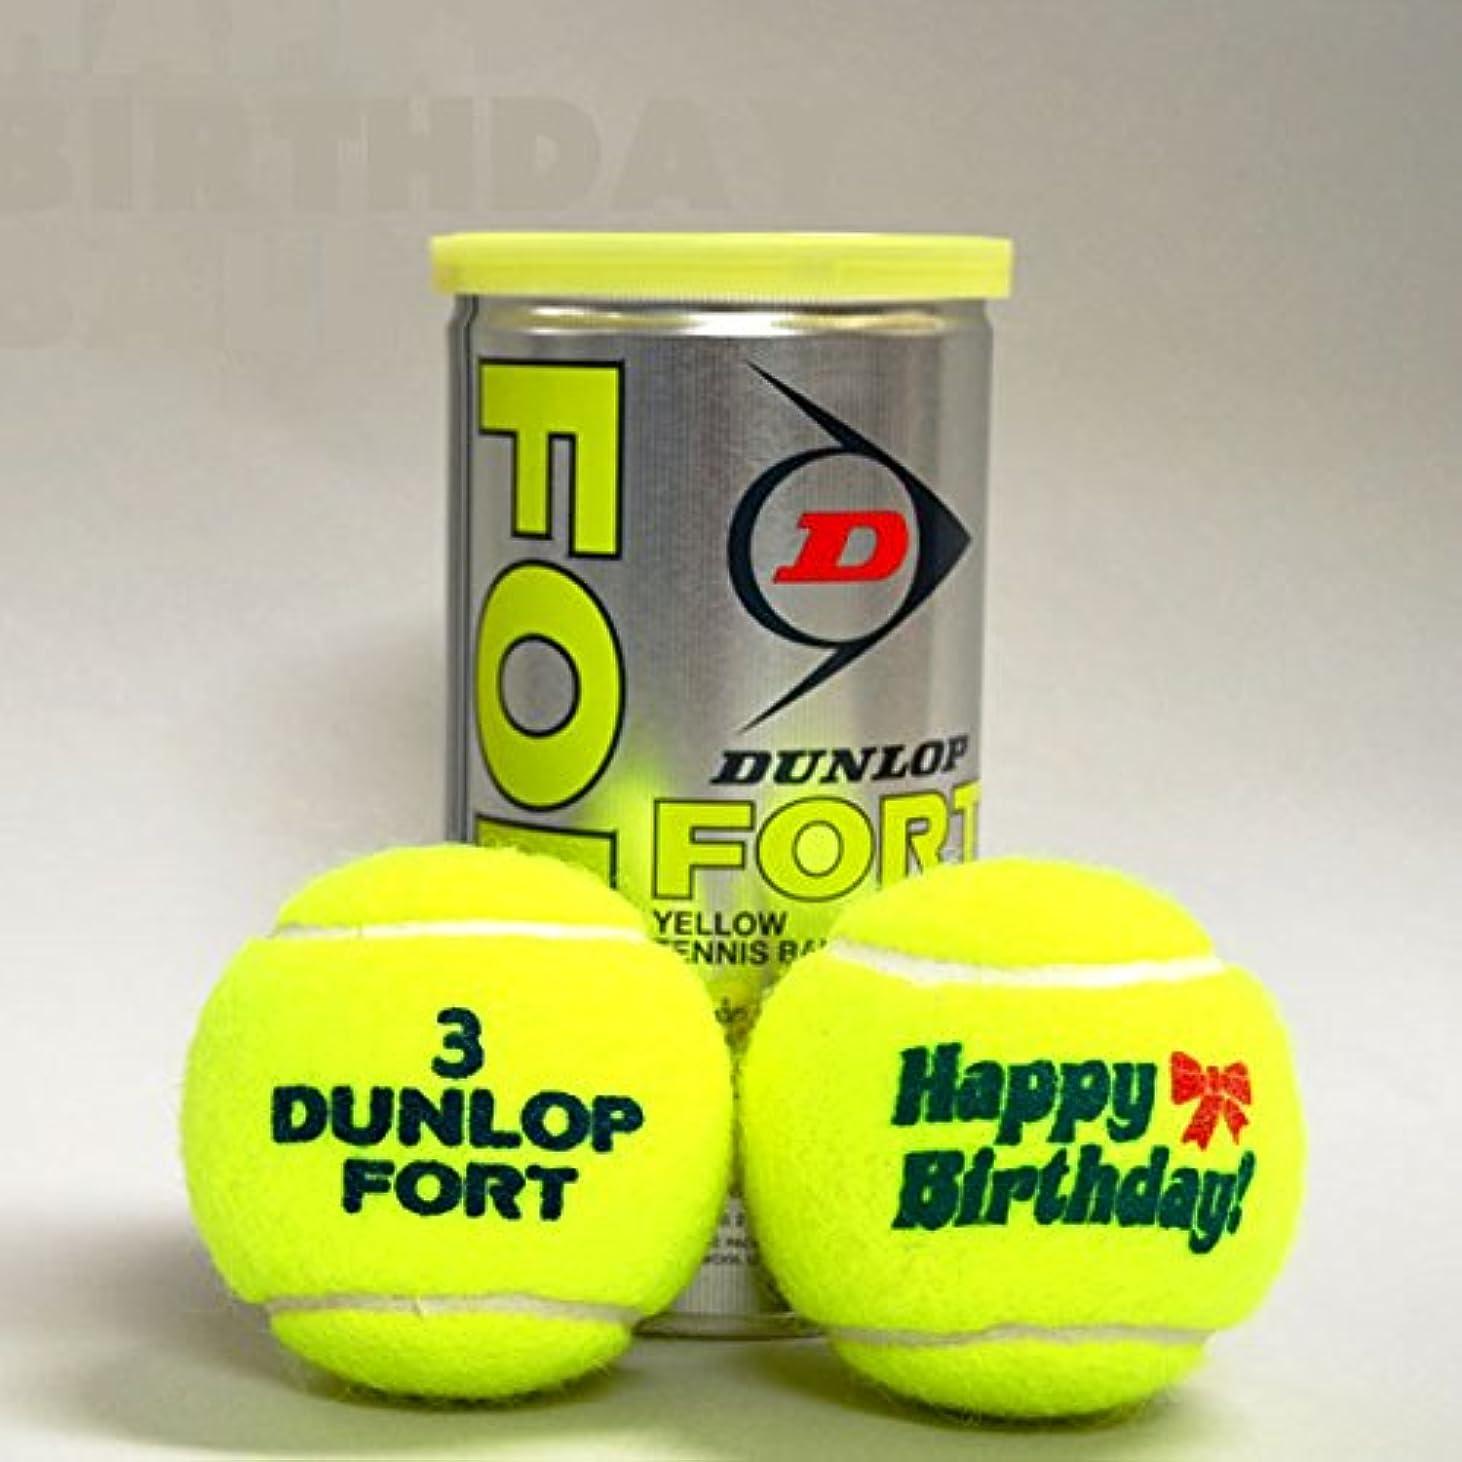 外向き硫黄冊子HEAD(ヘッド) HEAD PRO(ヘッド?プロ) 硬式テニスボール 4球入り×12缶 571614-12SET